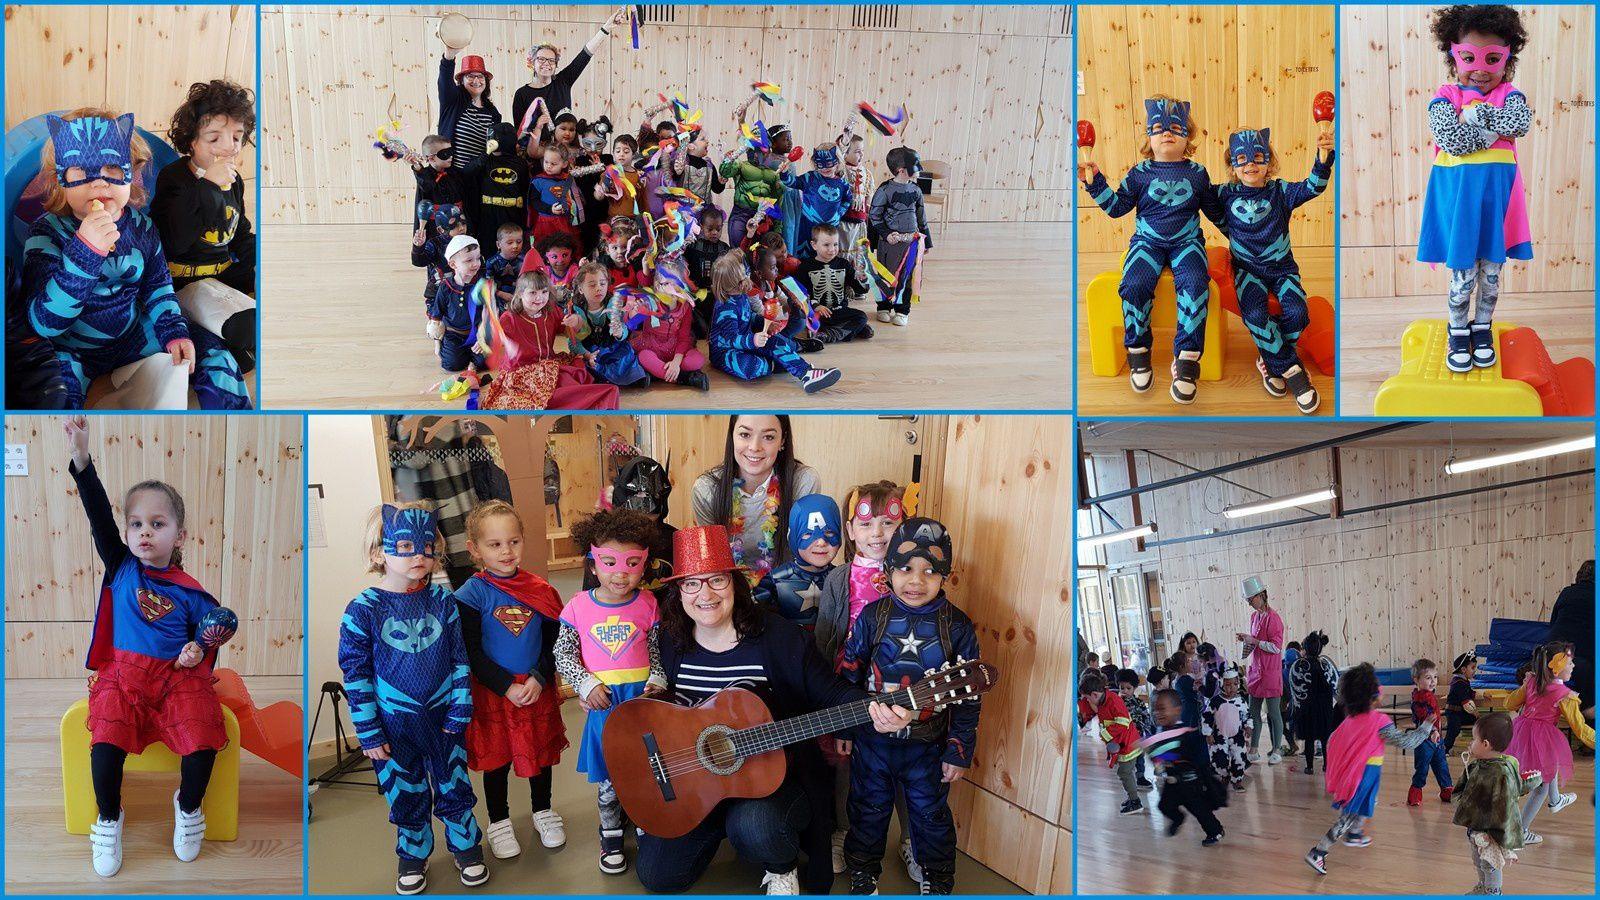 Les enfants de Petite Section et Moyenne Section du CEJS au Val de Scarpe : des activités communes avec les enfants entendants